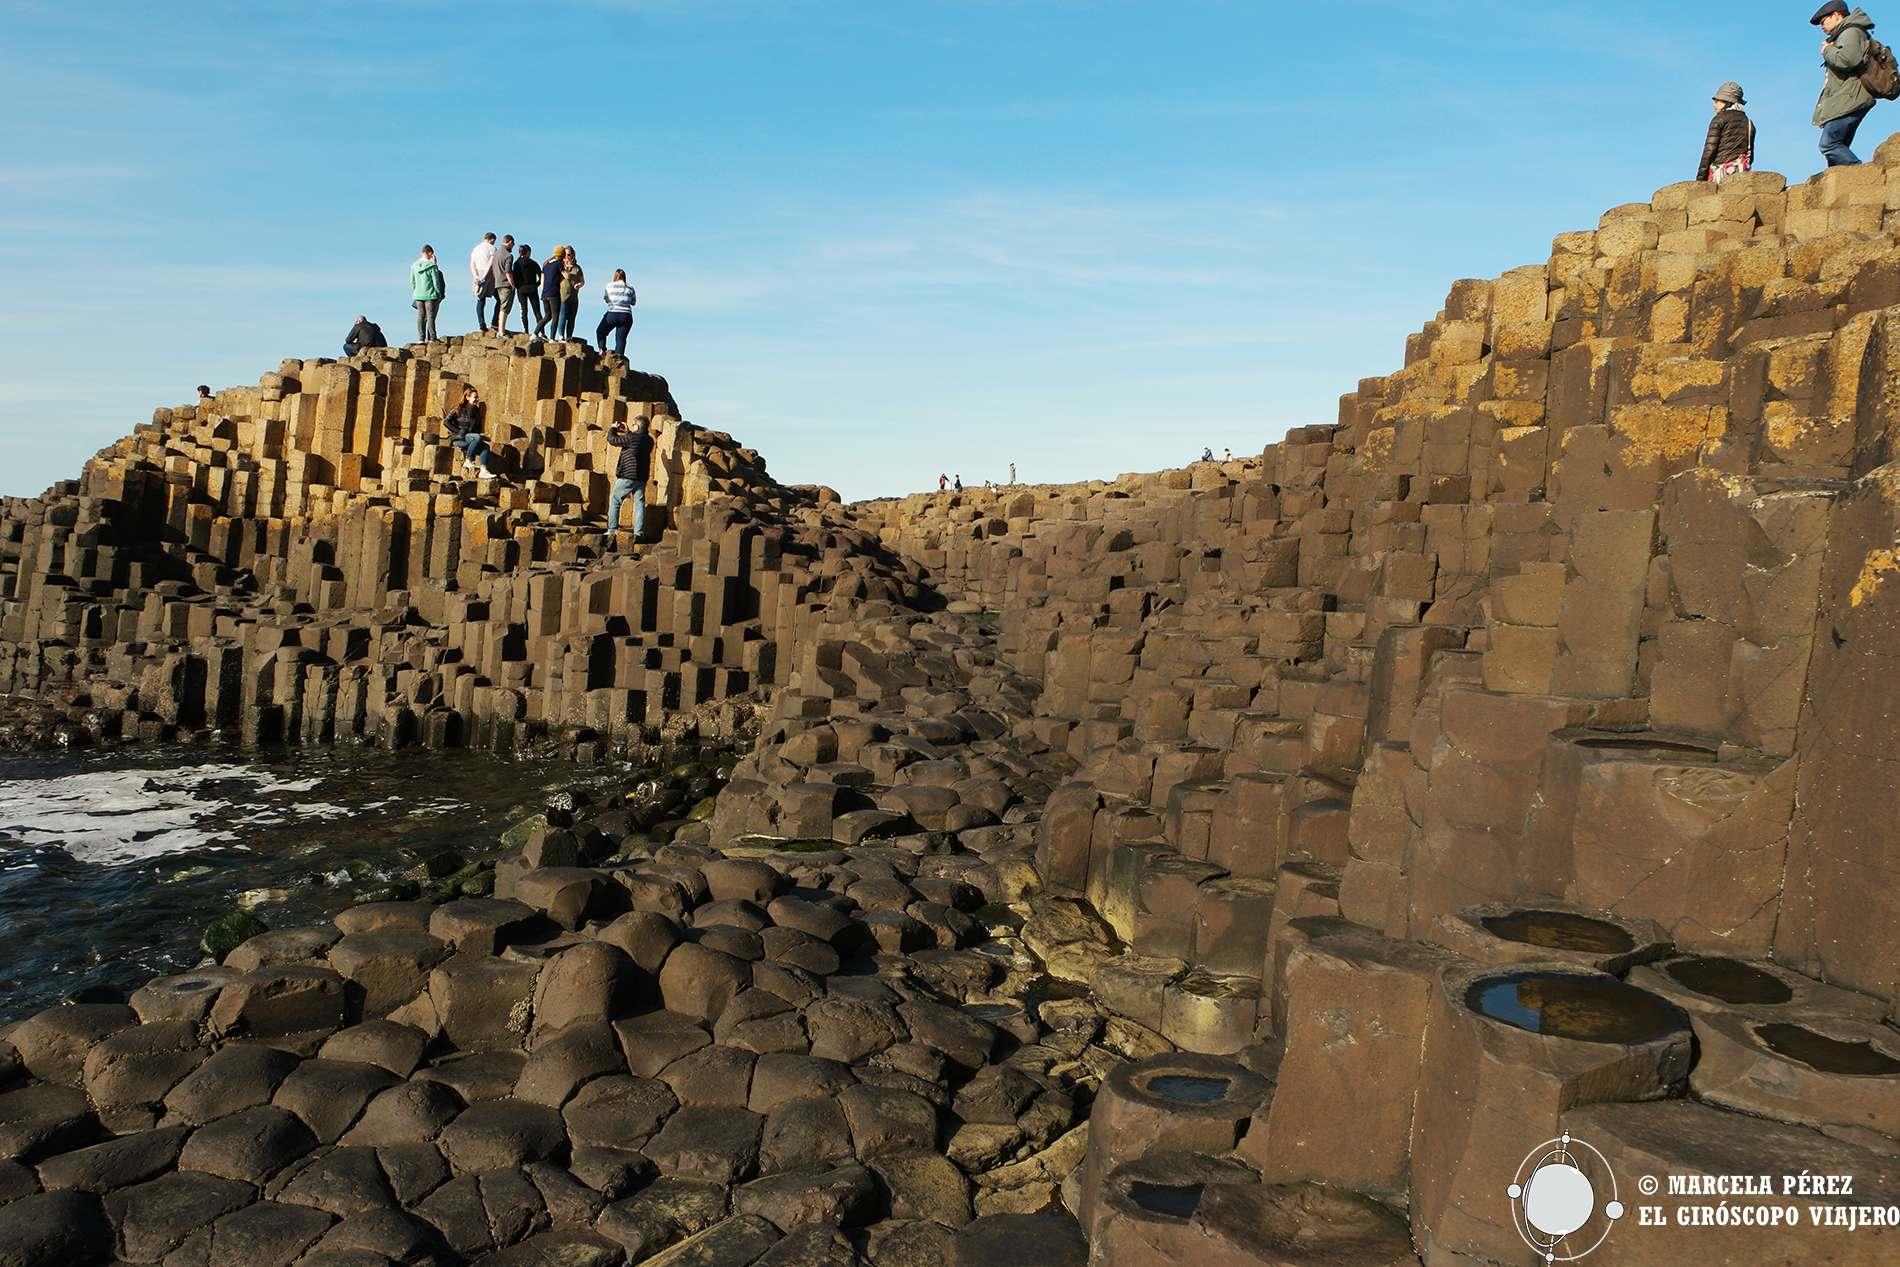 La belleza de la Calzada de los gigantes en todo su esplendor con la variedad de formas y tamaños de sus primas basálticos reluciendo al sol